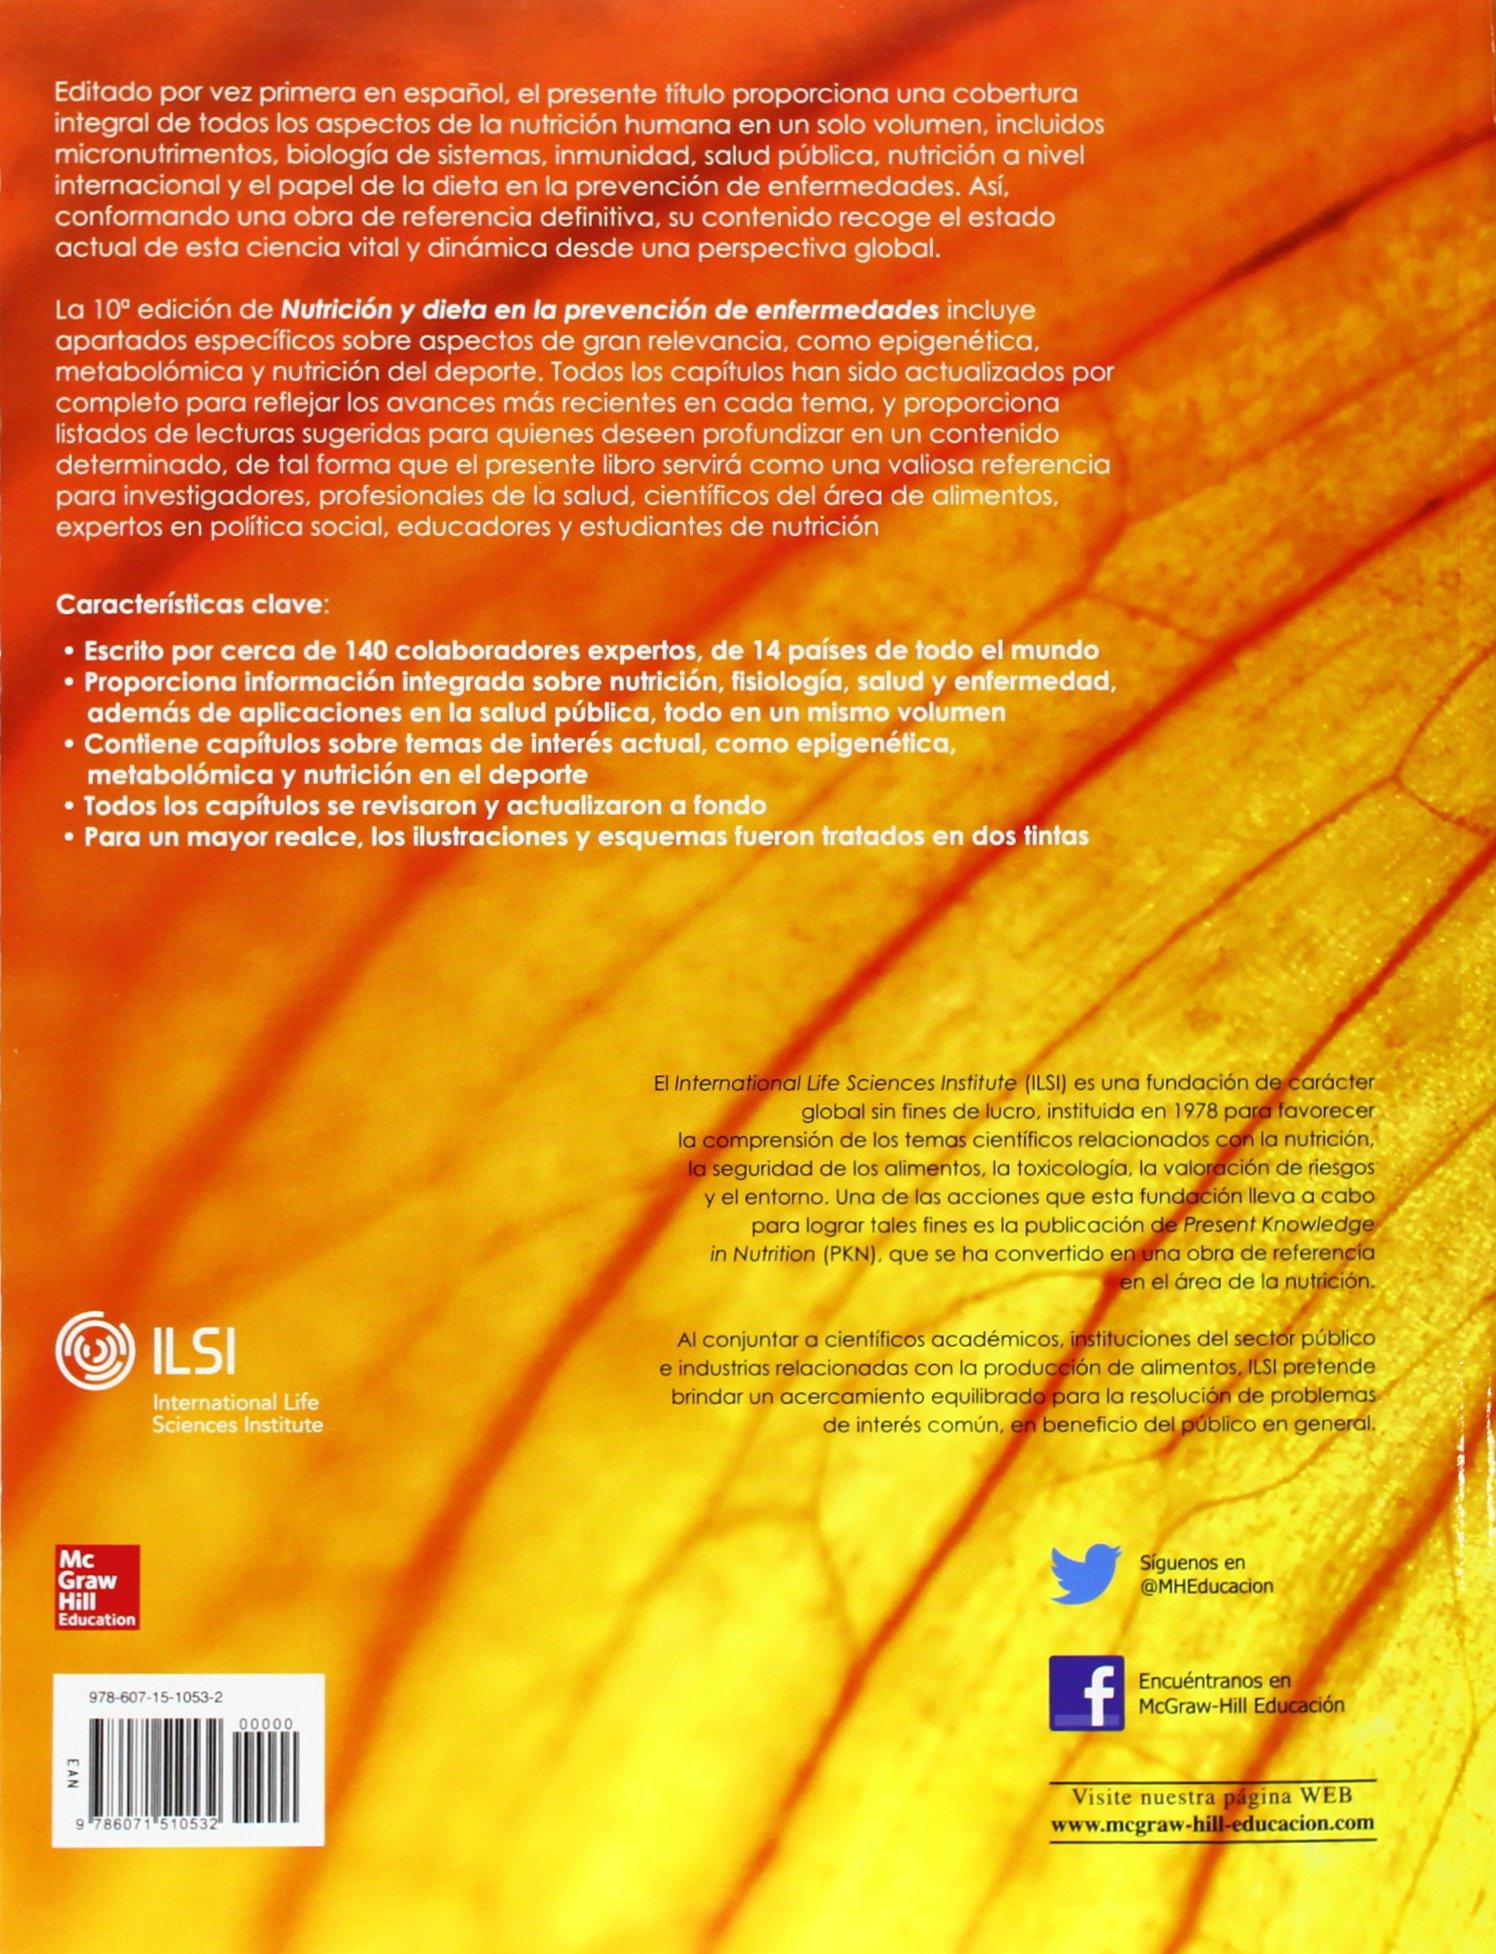 NUTRICION Y DIETA EN LA PREVENCION DE ENFERMEDADES: Amazon.es: John W. Erdman: Libros